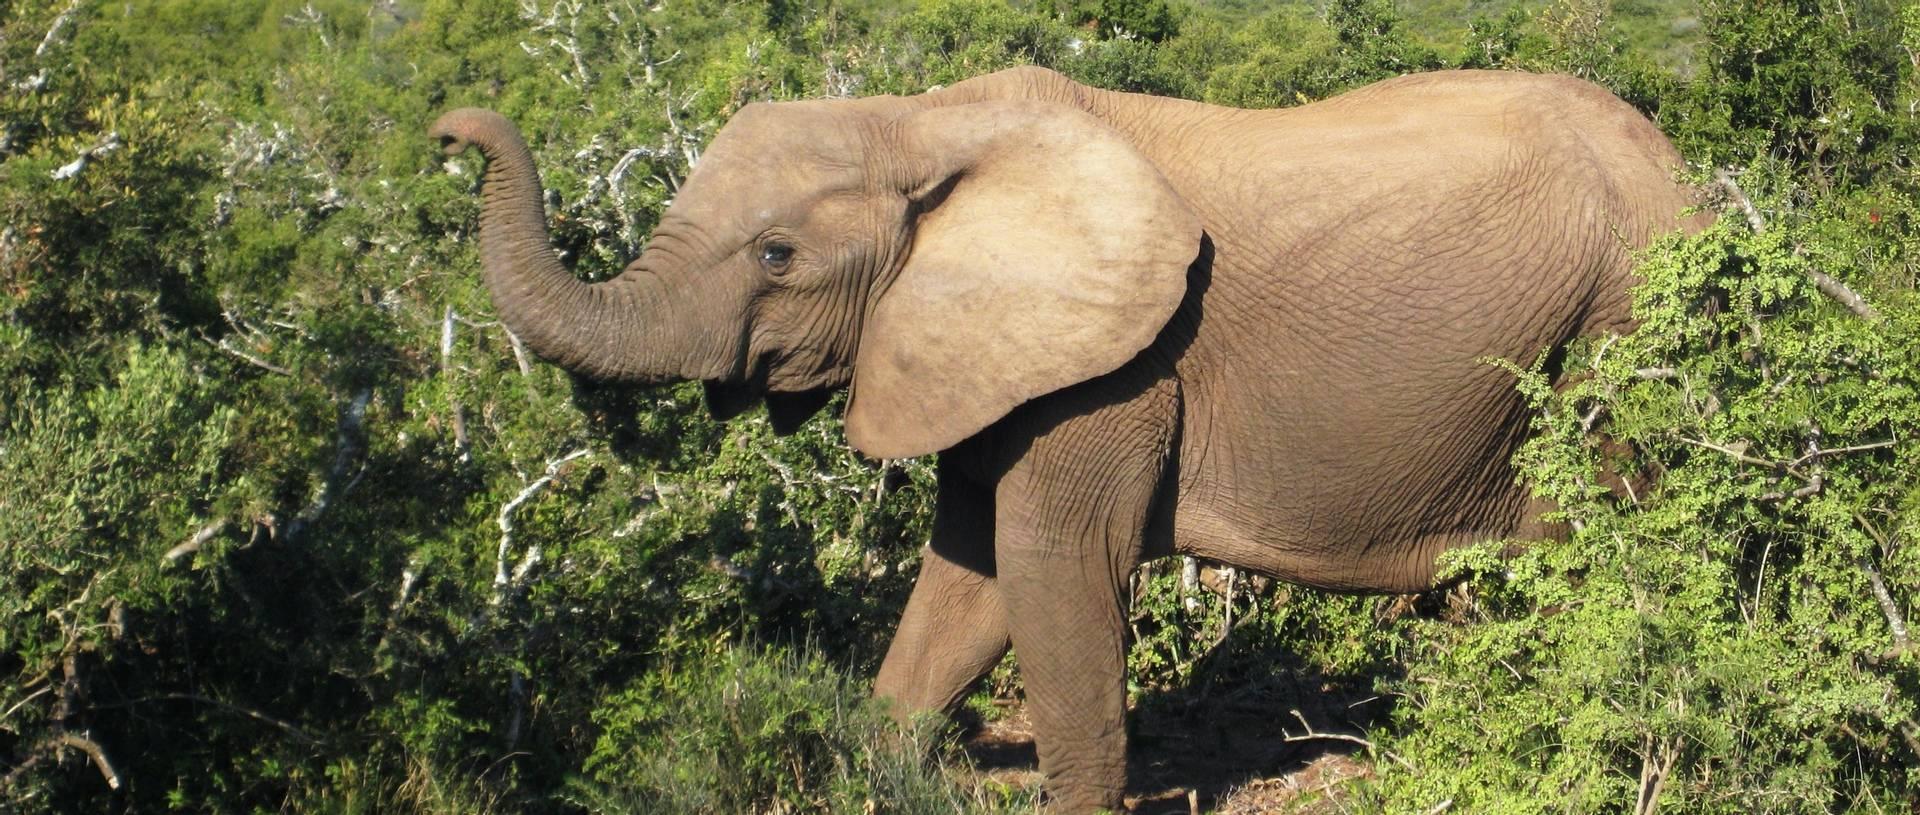 Elephant Addo National Park